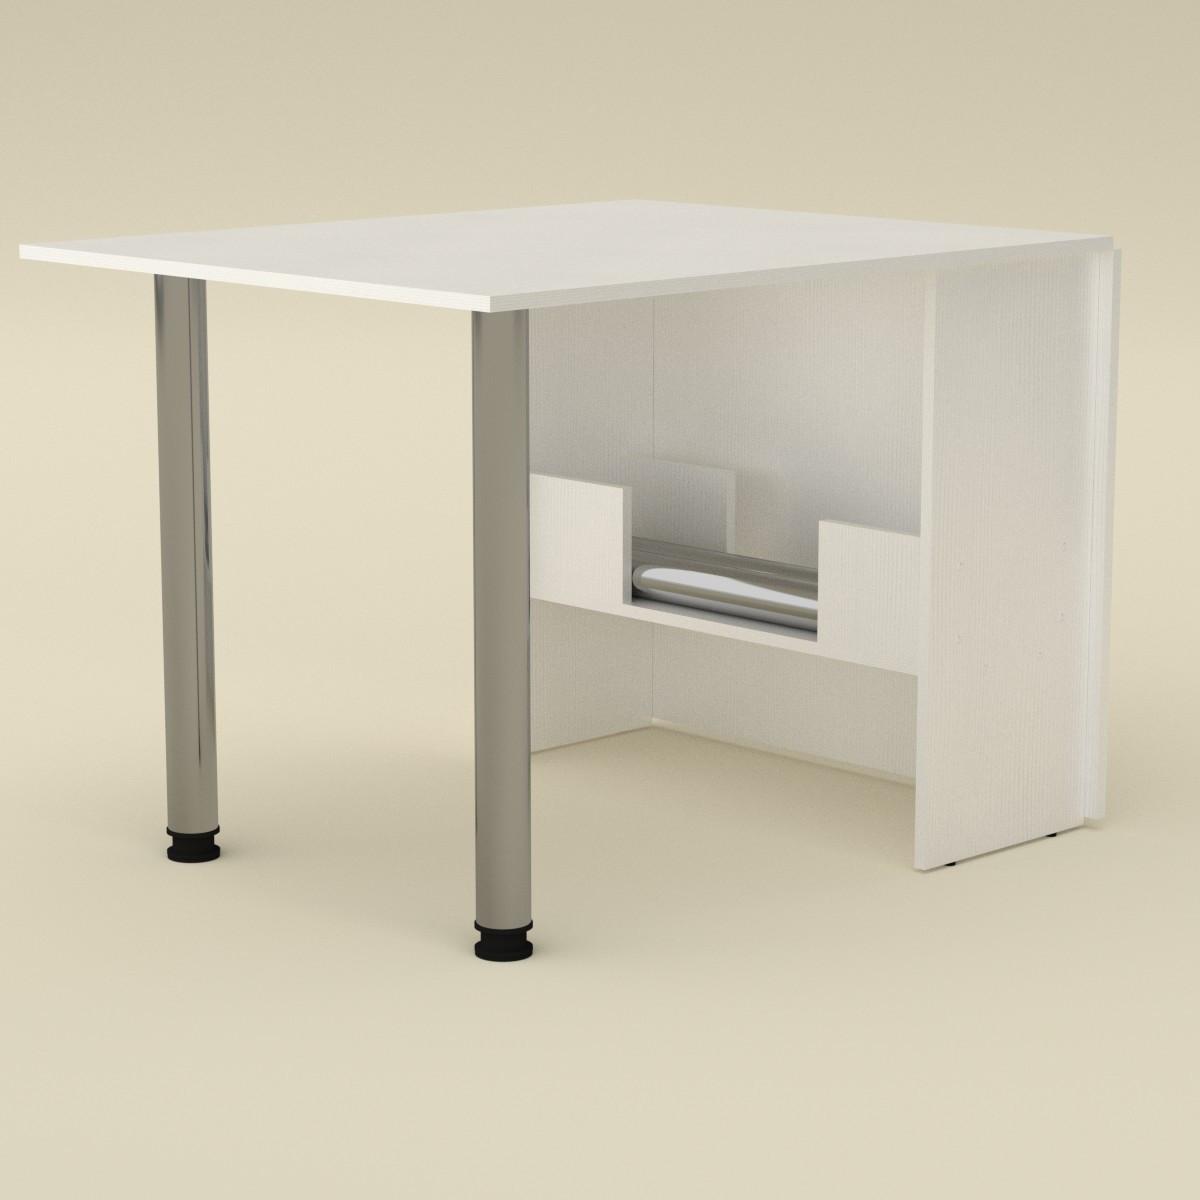 Стол книжка 2 нимфея альба (белый) Компанит (170х81х73 см)